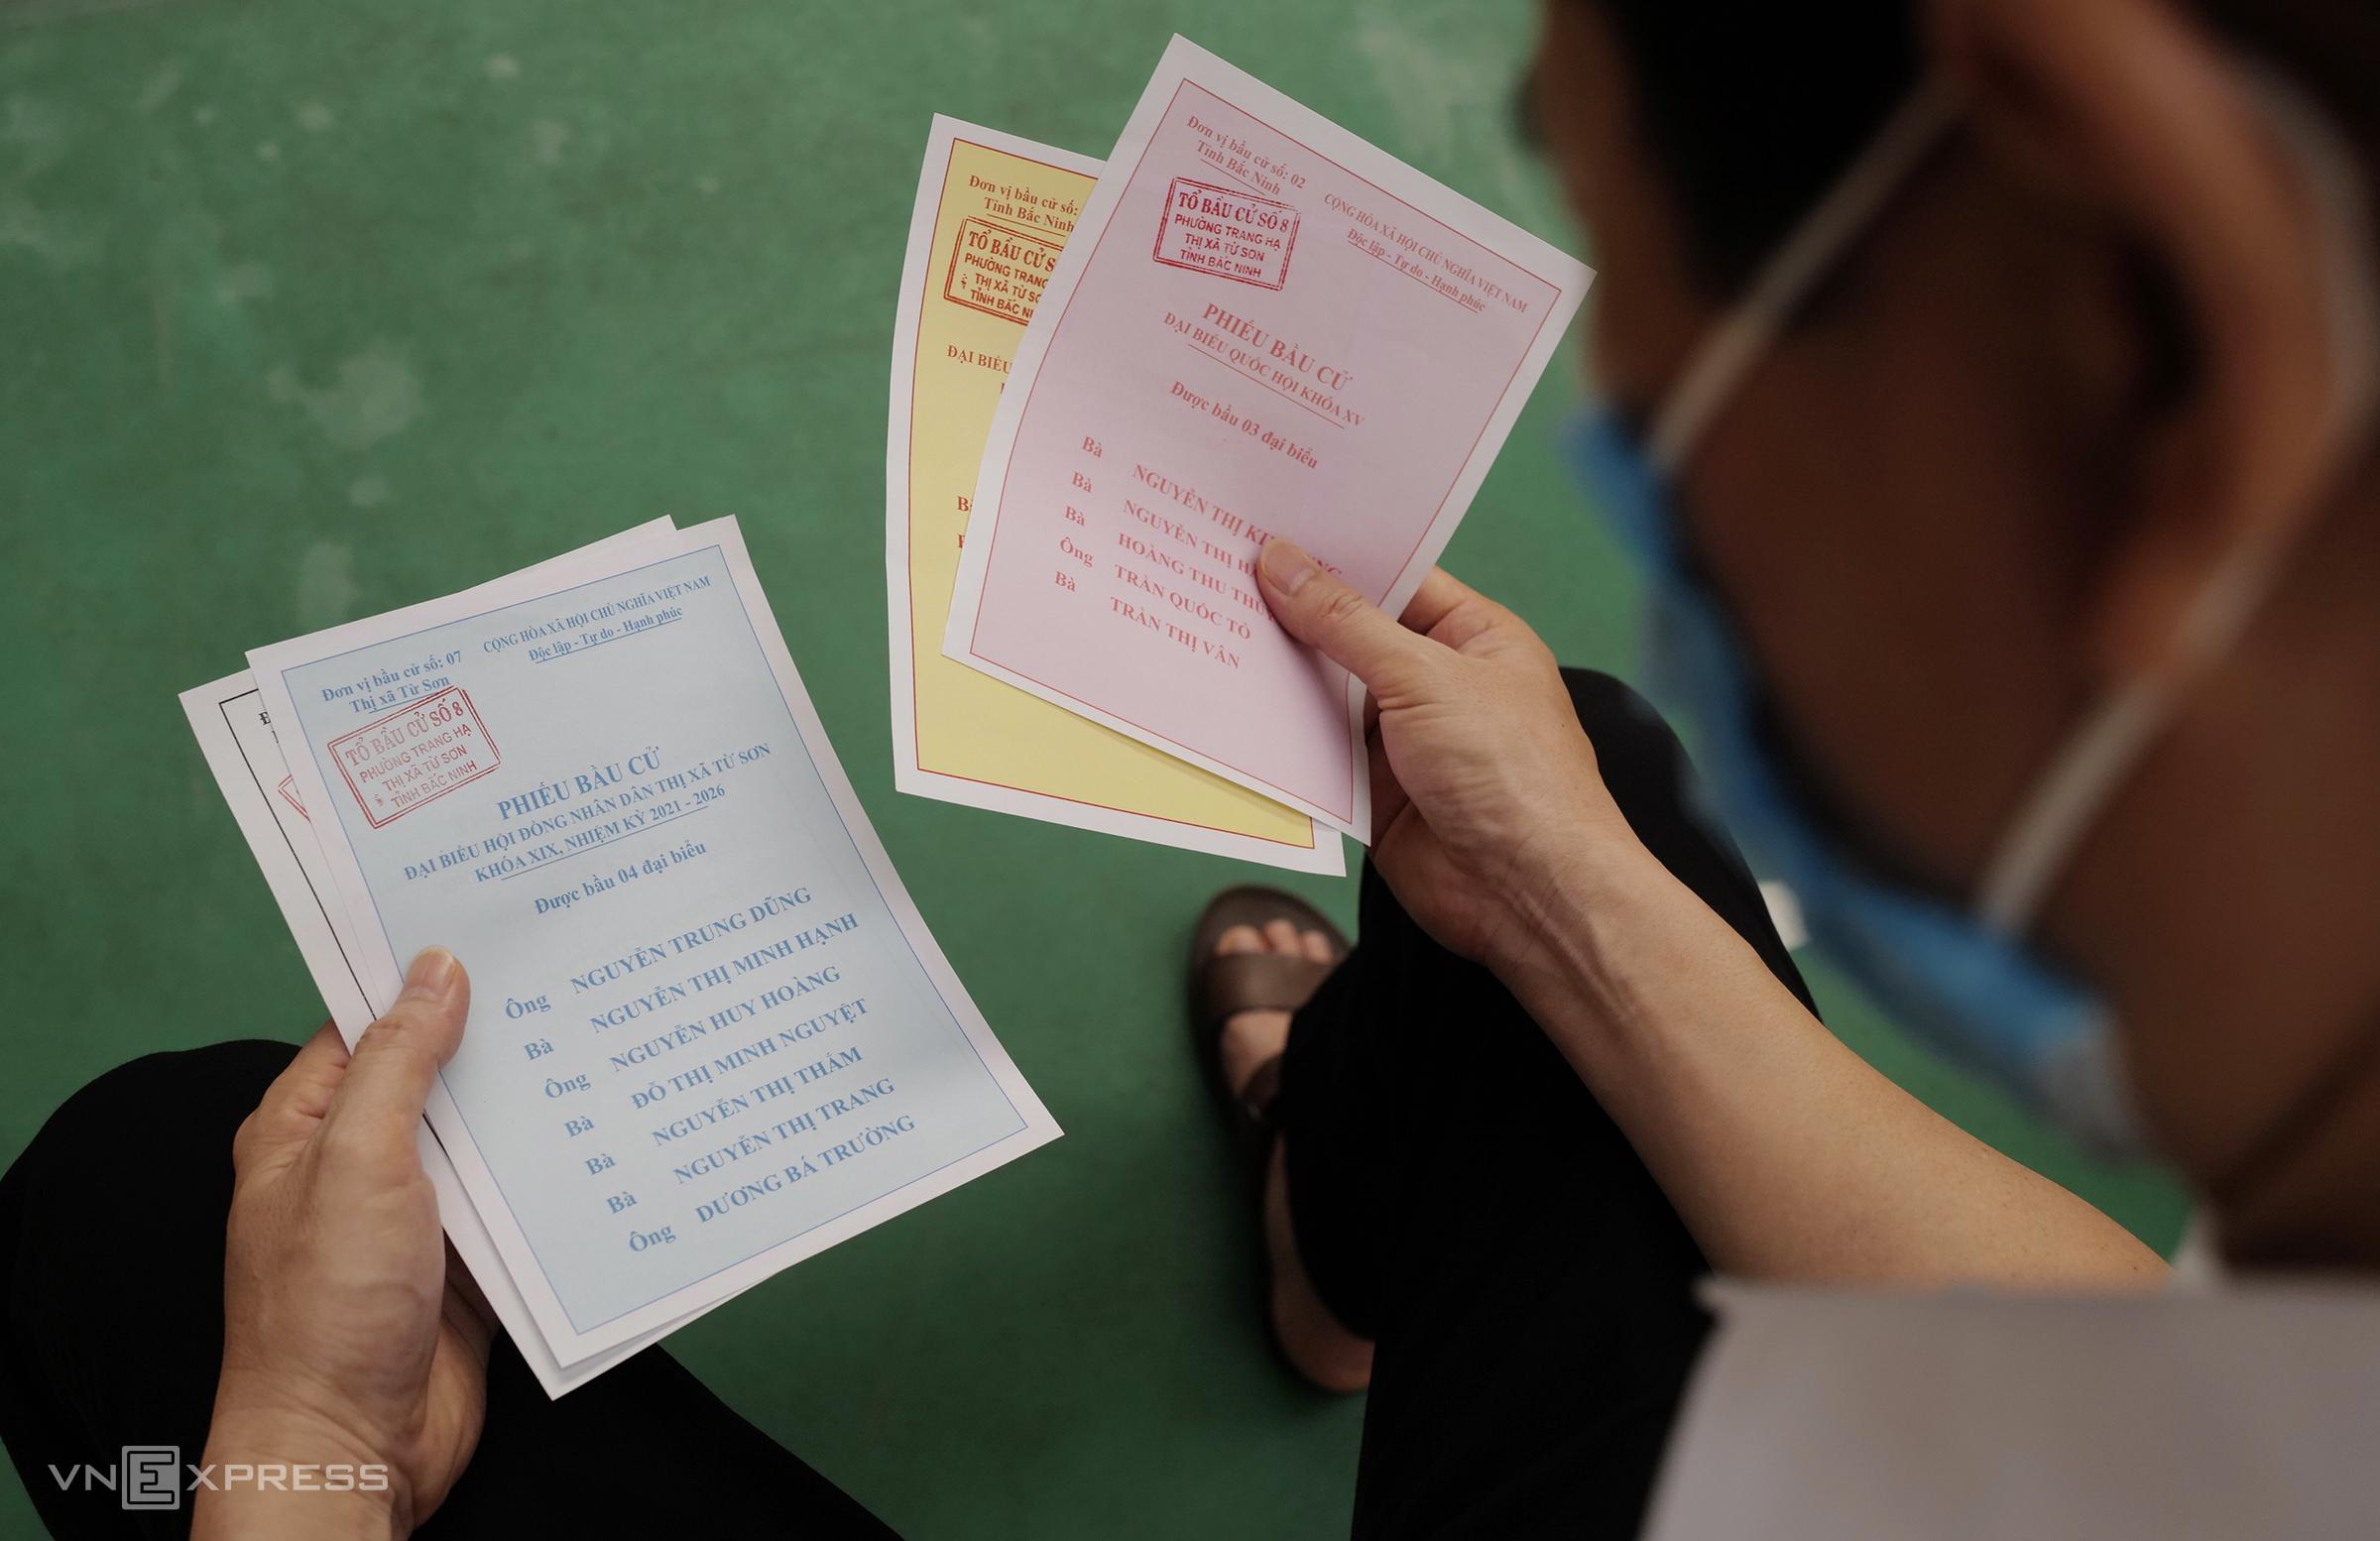 Cử tri đi bầu cử sớm tại thành phố Bắc Ninh trong sáng 22/5. Ảnh: Ngọc Thành